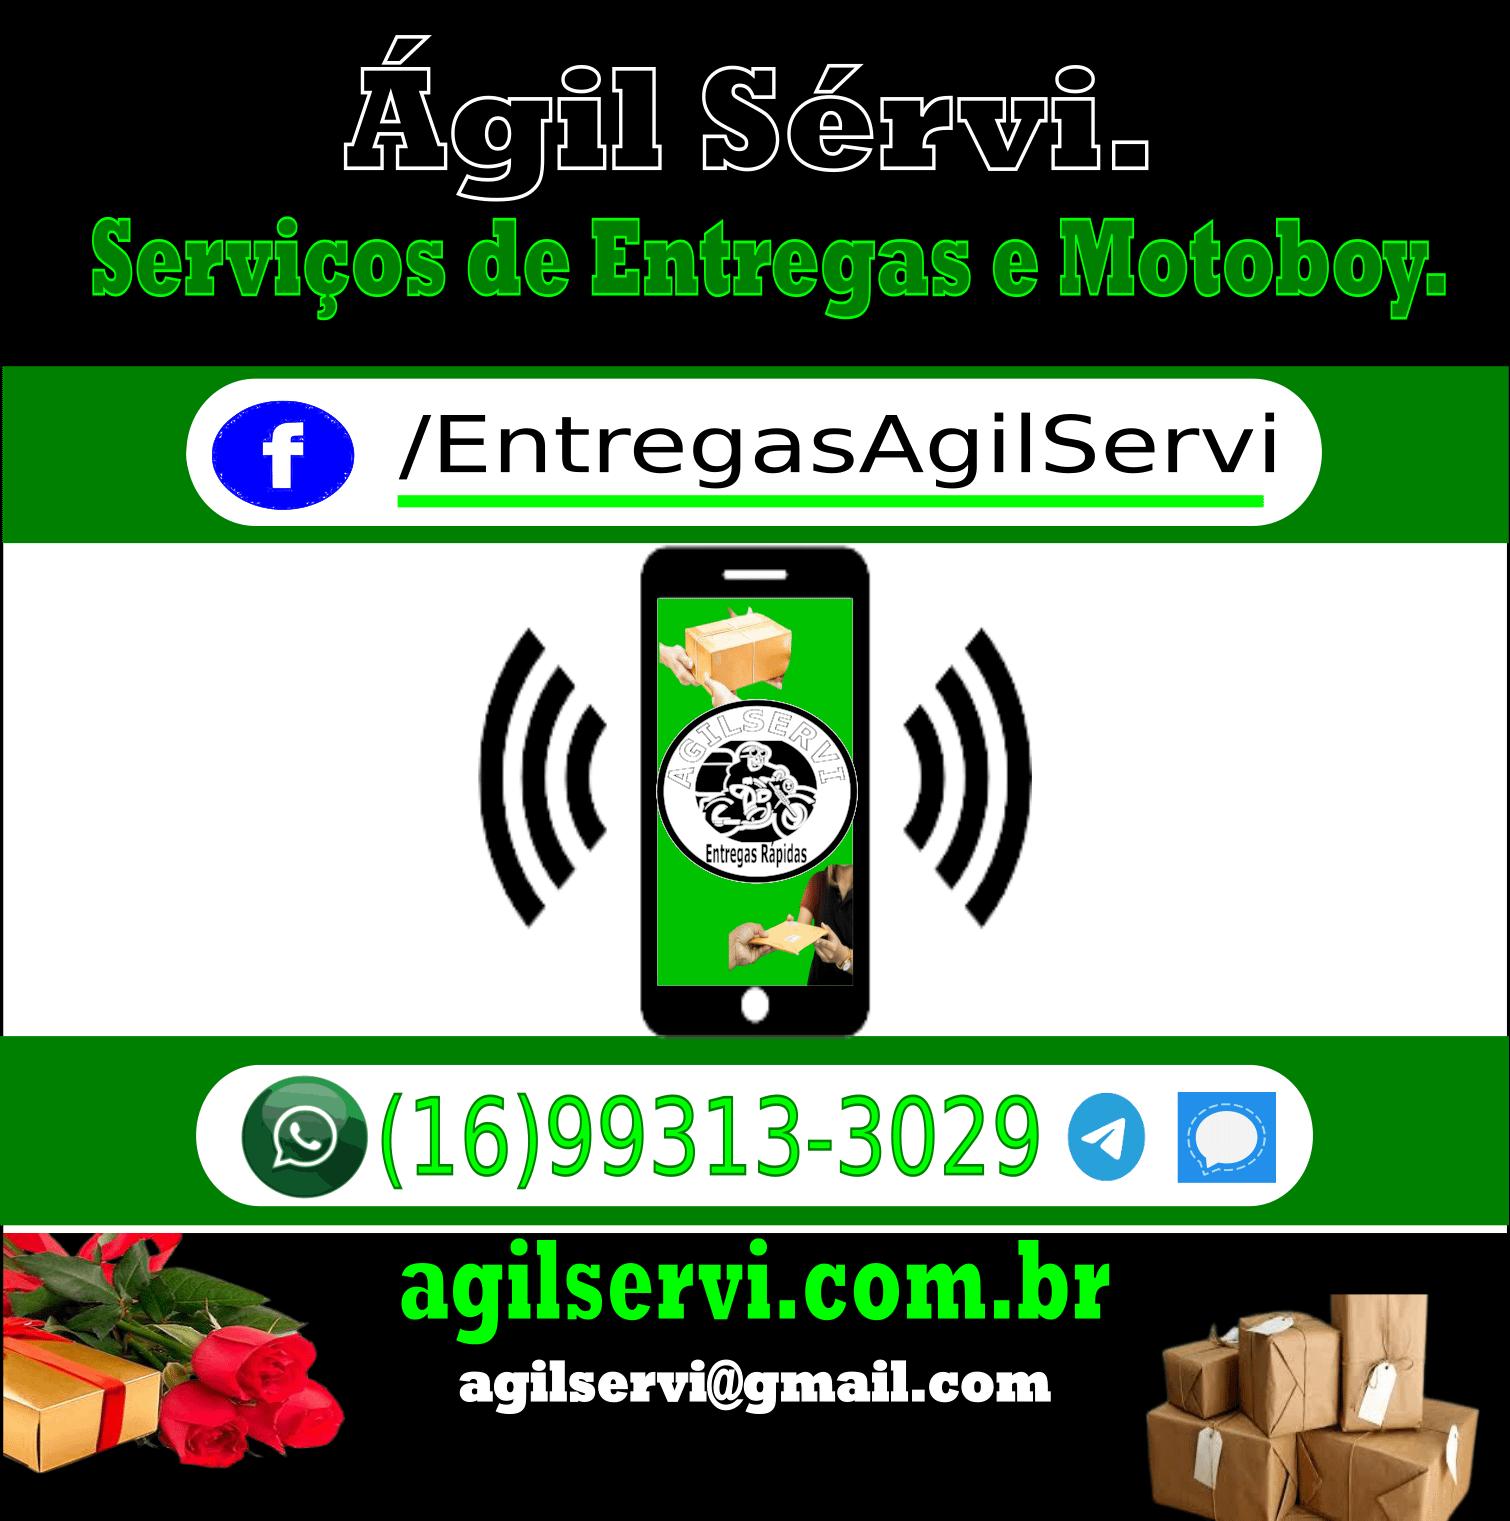 Ágil Servi categorias de entregas e serviços oferecidos pela Ágil Servi empresa de motoboy para entregas de documentos e encomendas.